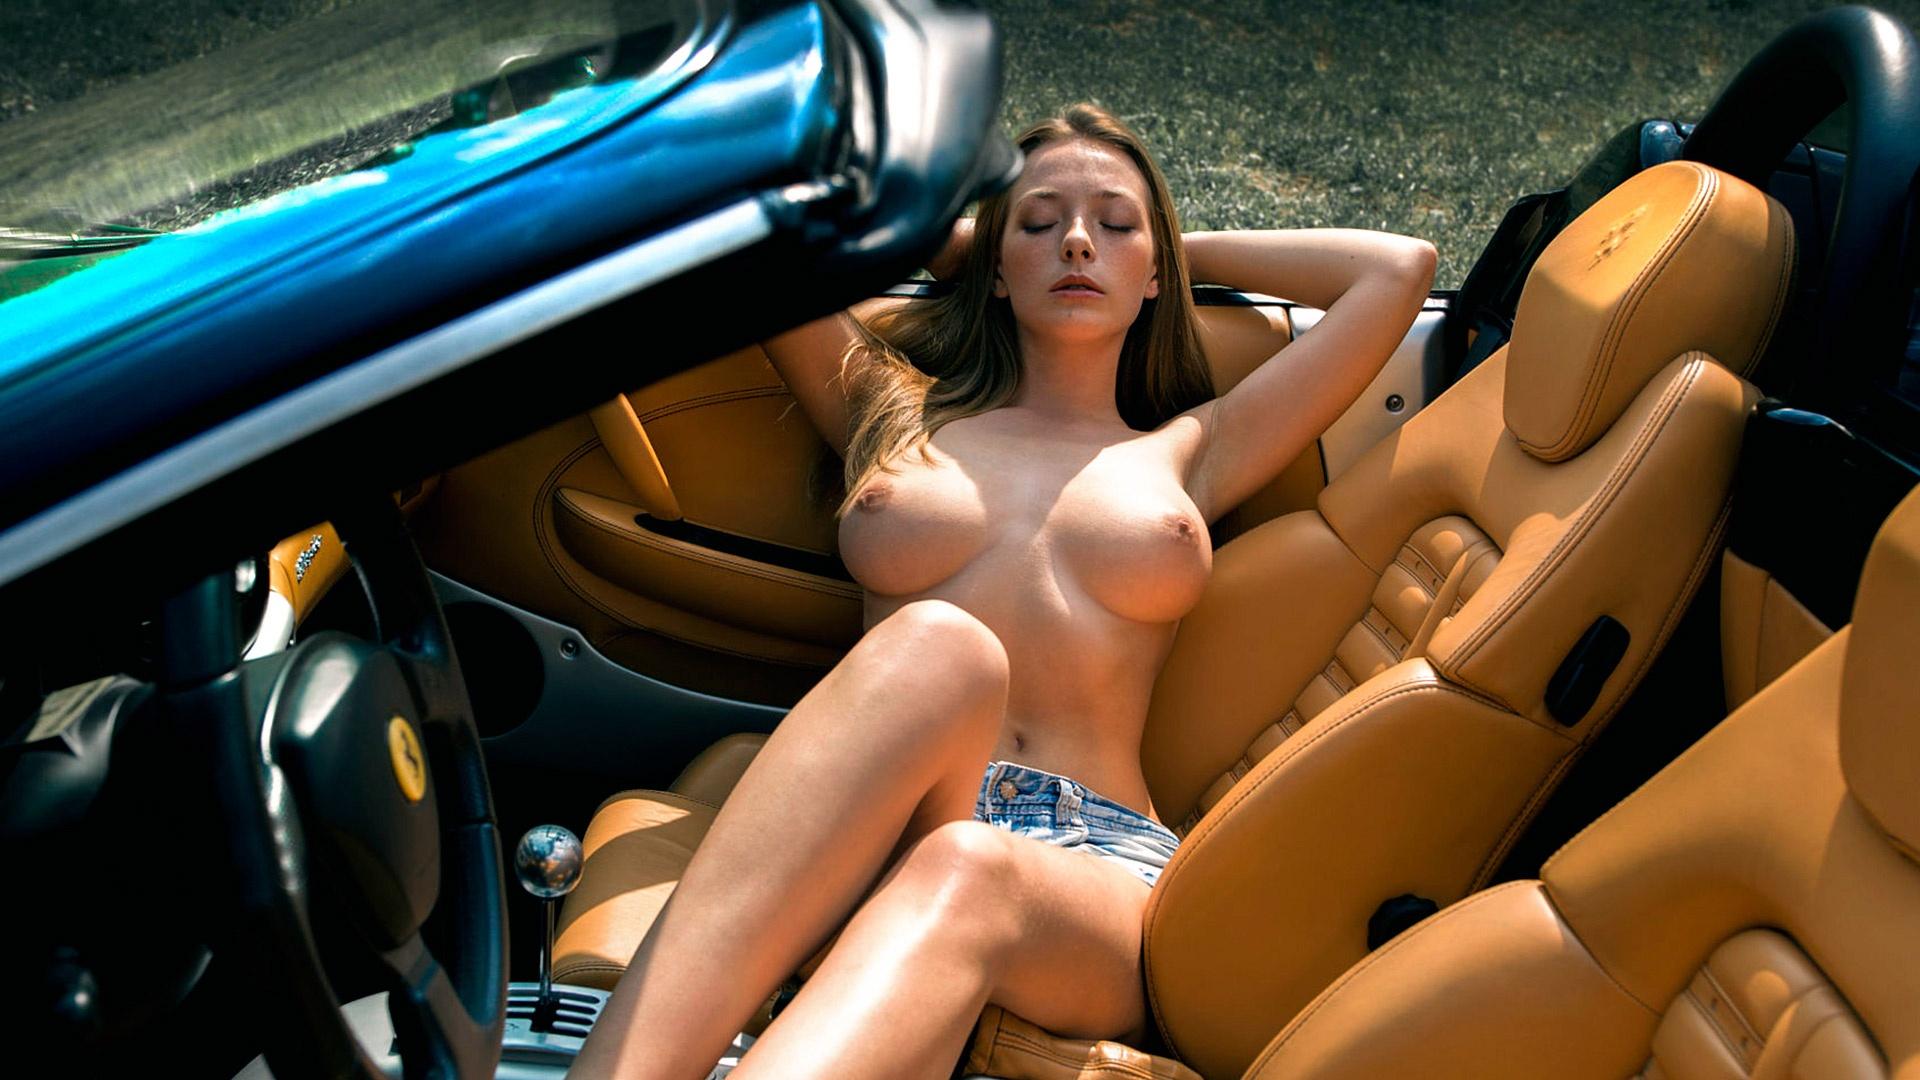 Anjaman sexy nude pic